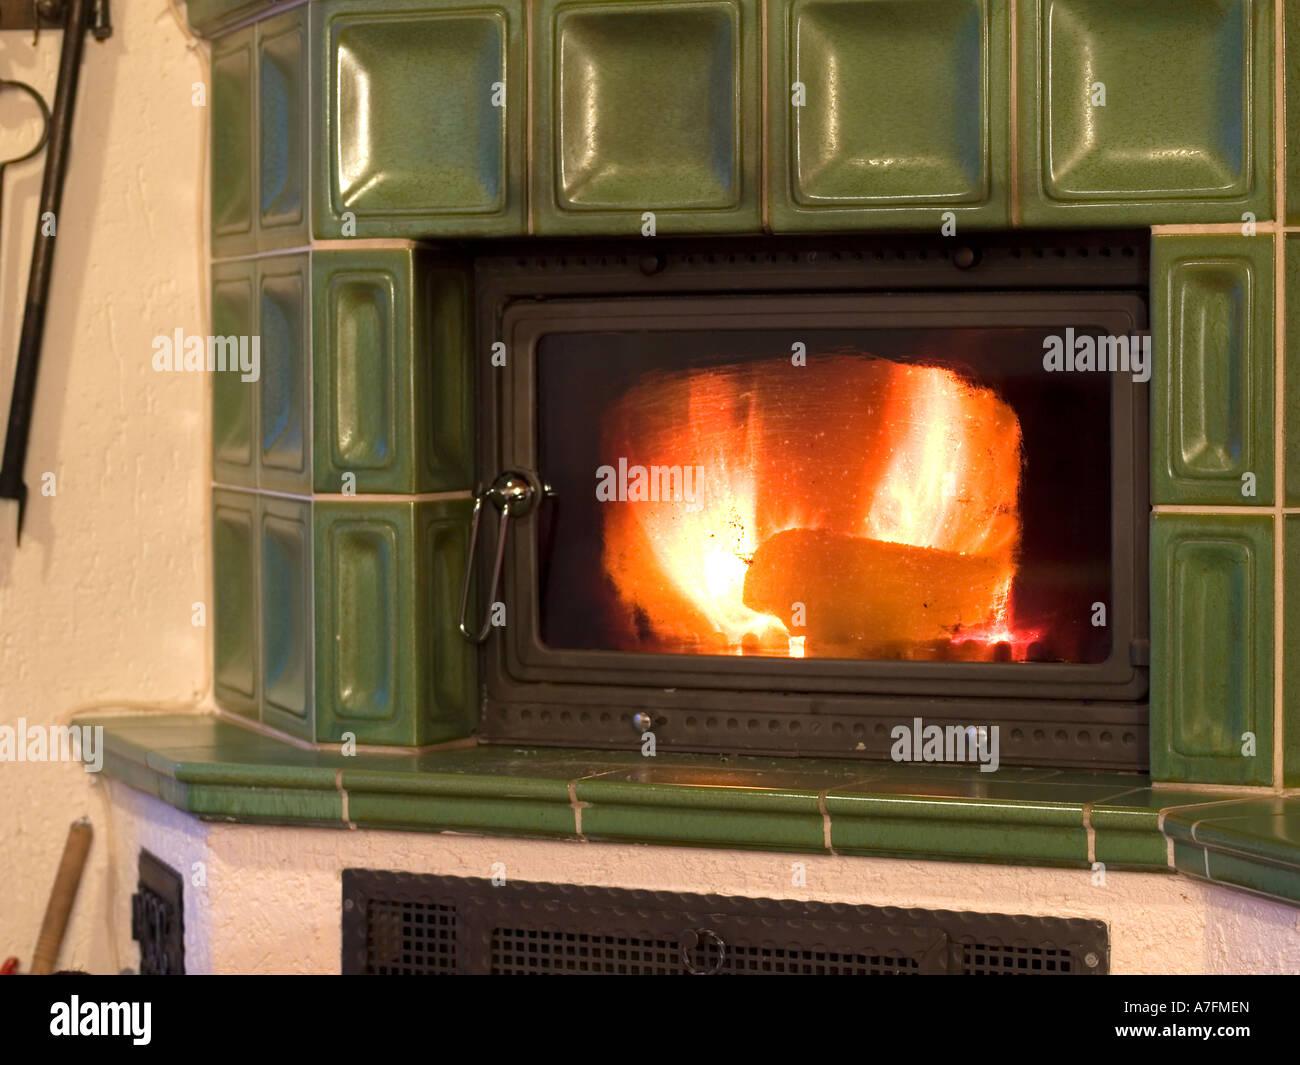 burning tiled stove burning with firewood - Stock Image